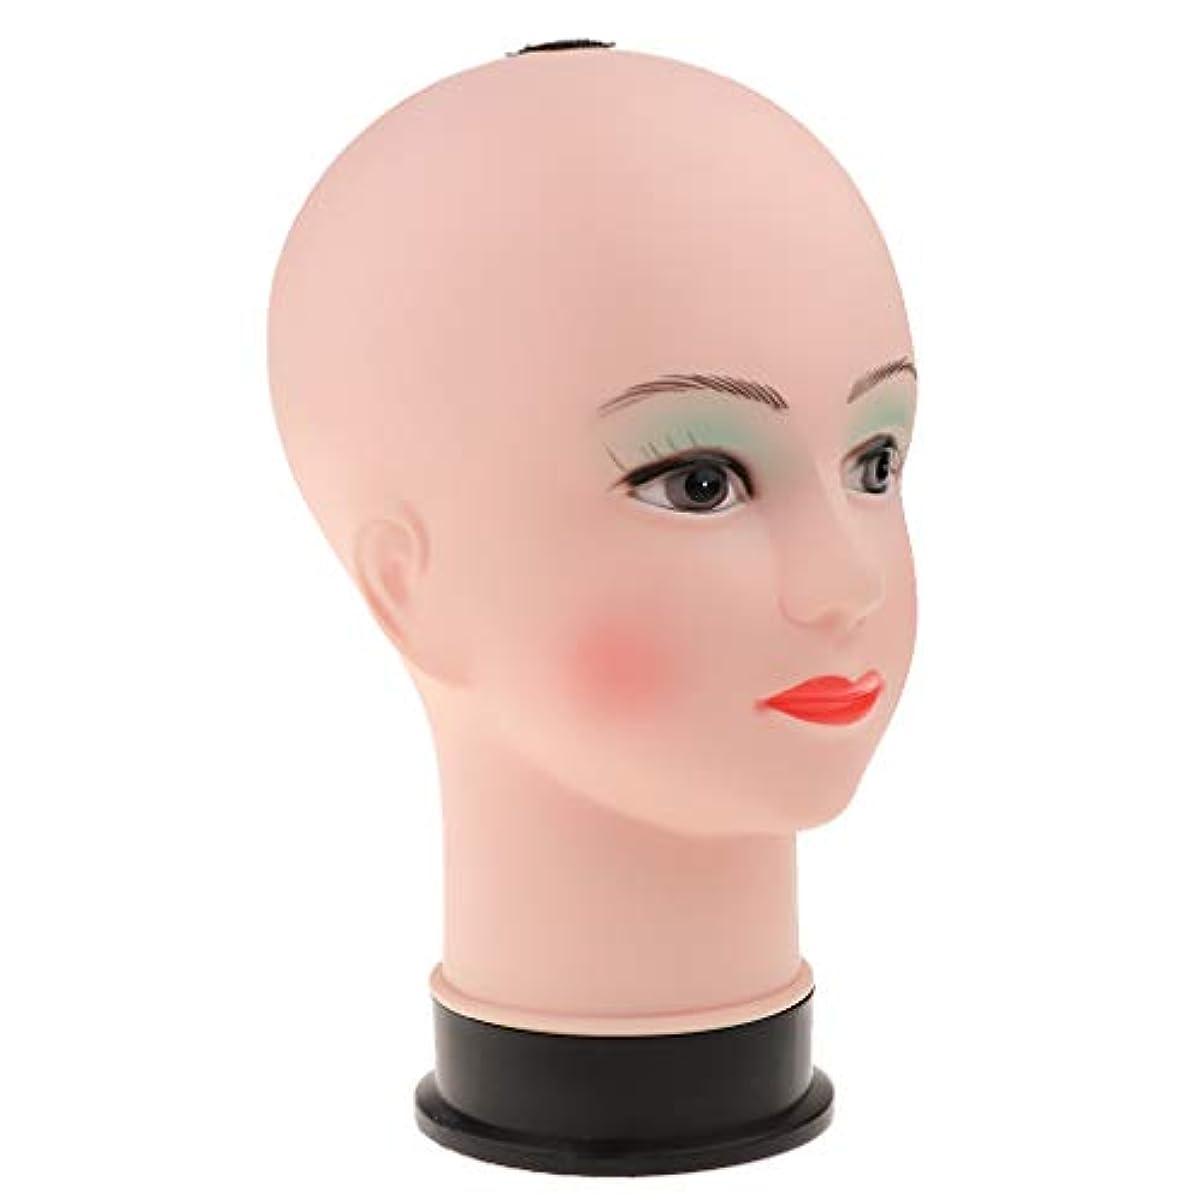 仮定するアナロジーコールドマネキンヘッド ウィッグ 化粧練習 帽子 ジュエリー サングラス スカーフディスプレイ 全2色 - 緑